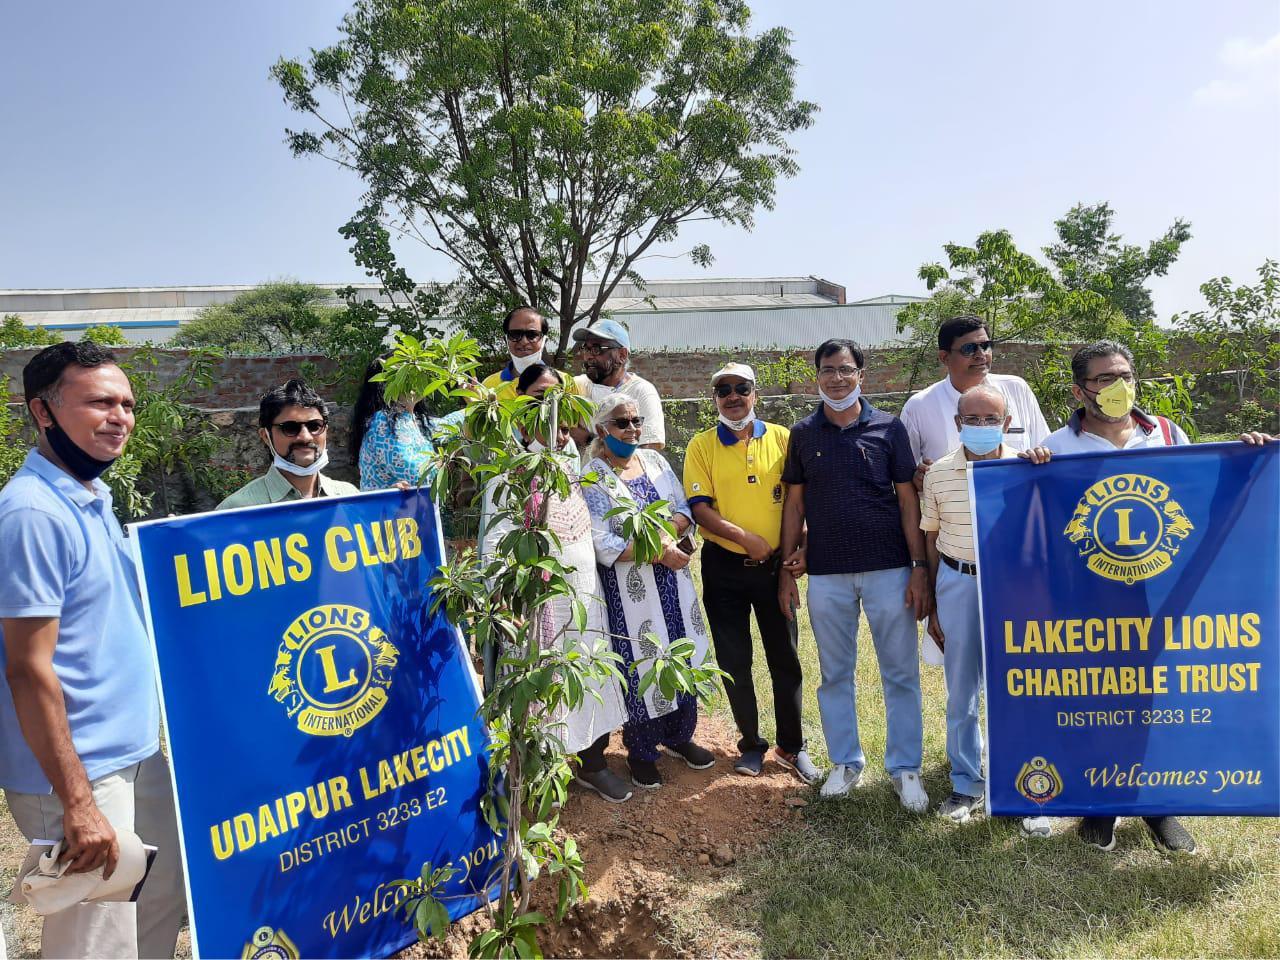 लॉयन्स क्लब लेकसिटी ने किया वृक्षारोपण